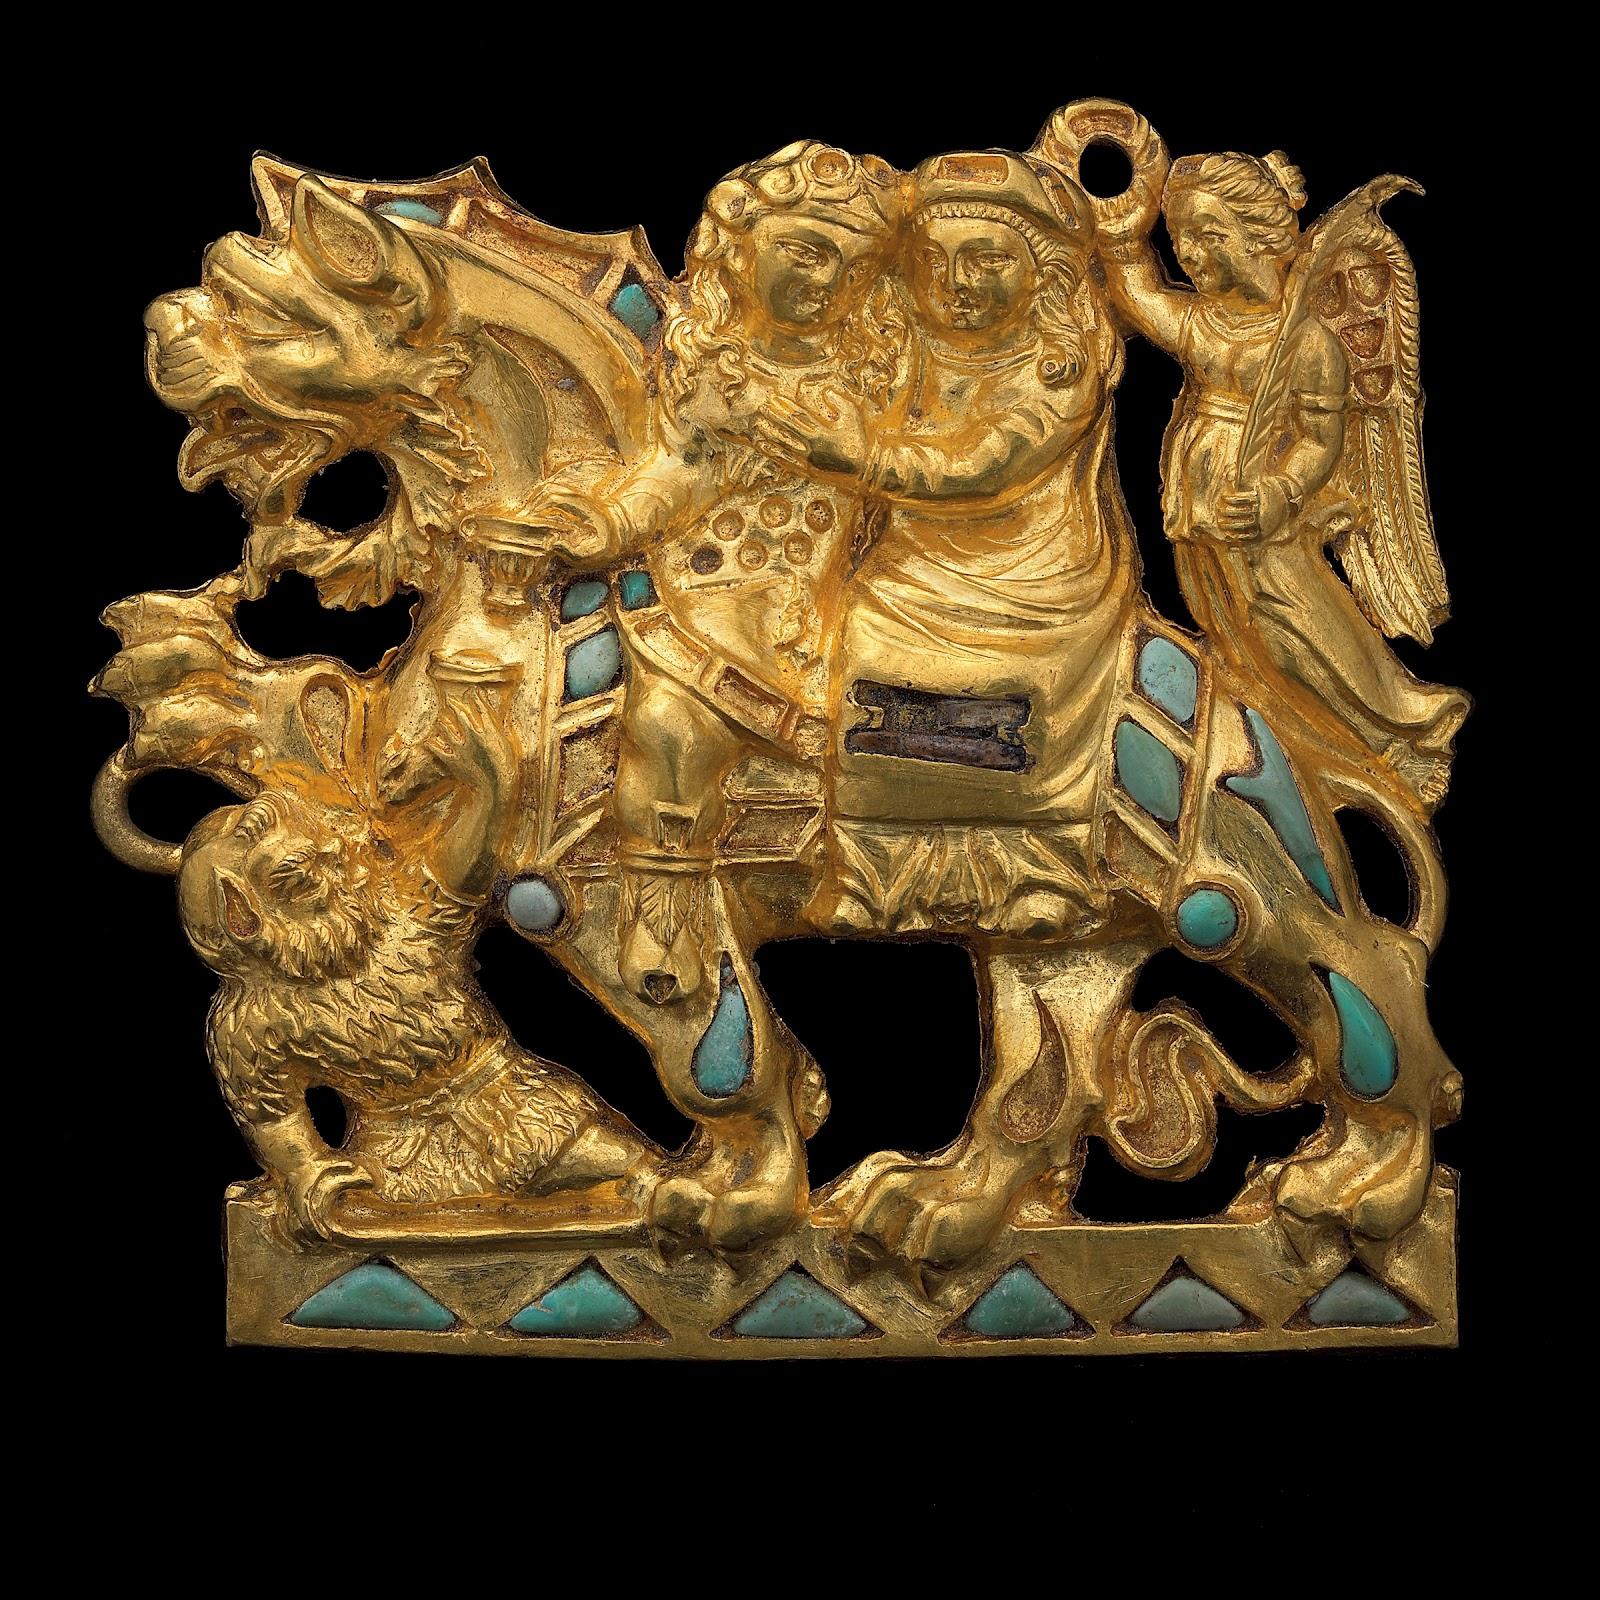 Бактрийское золото - золотые предметы, найденные в - записки.